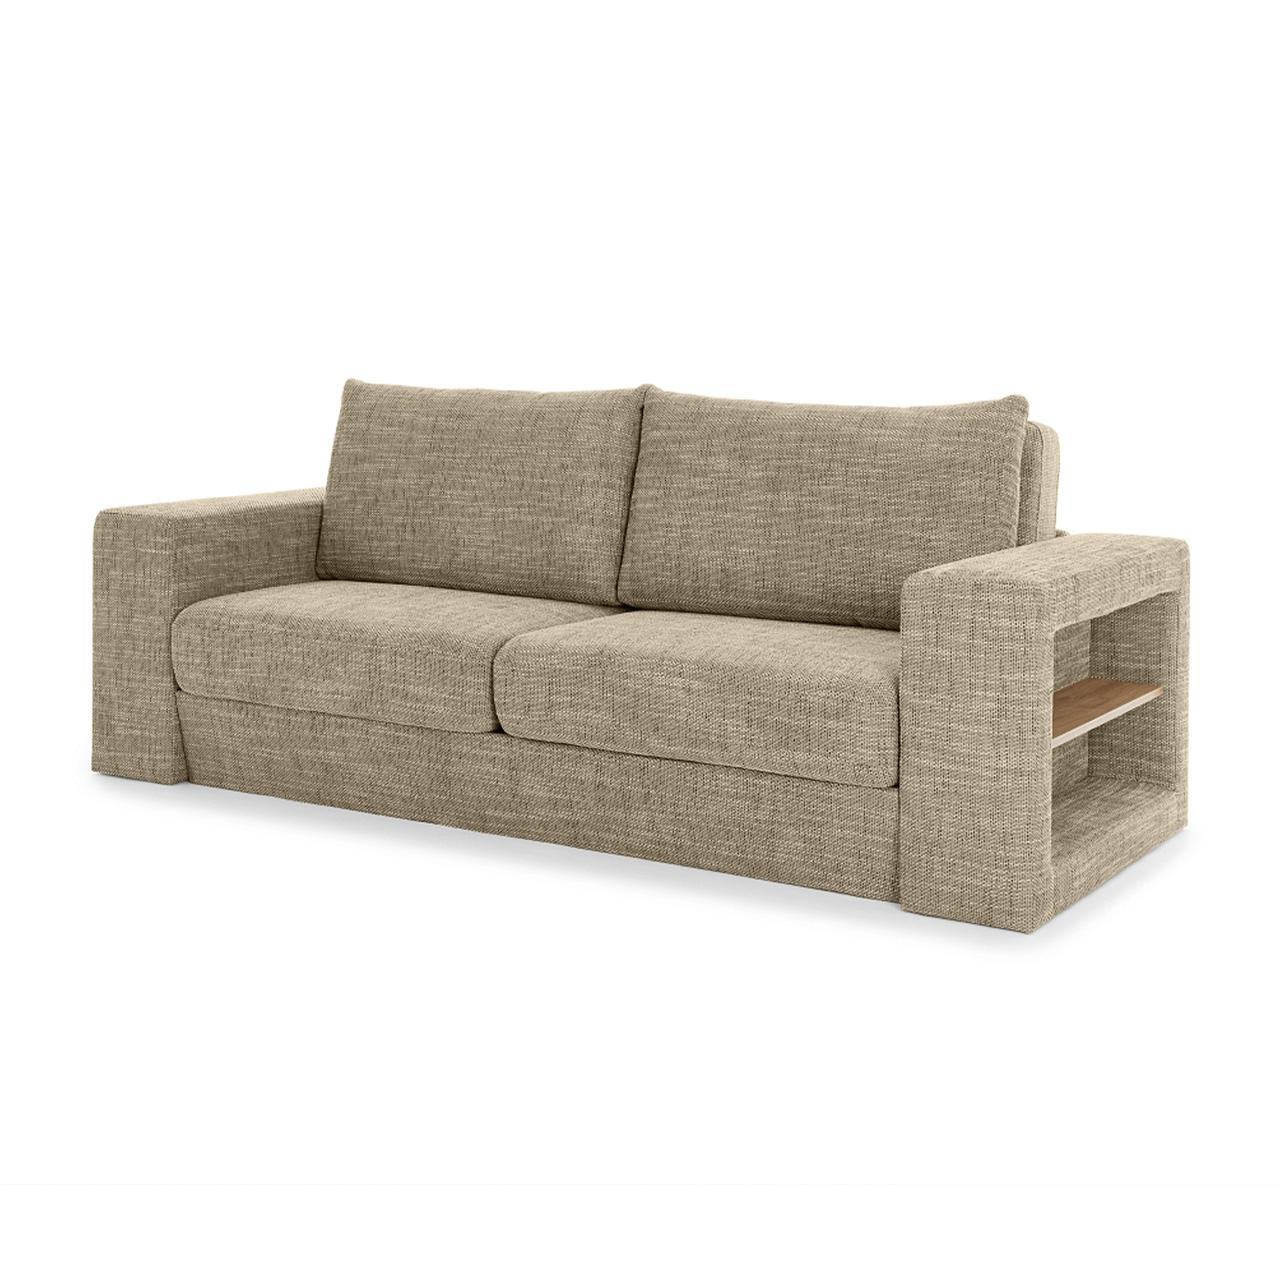 LOOKS Sofa by Joop